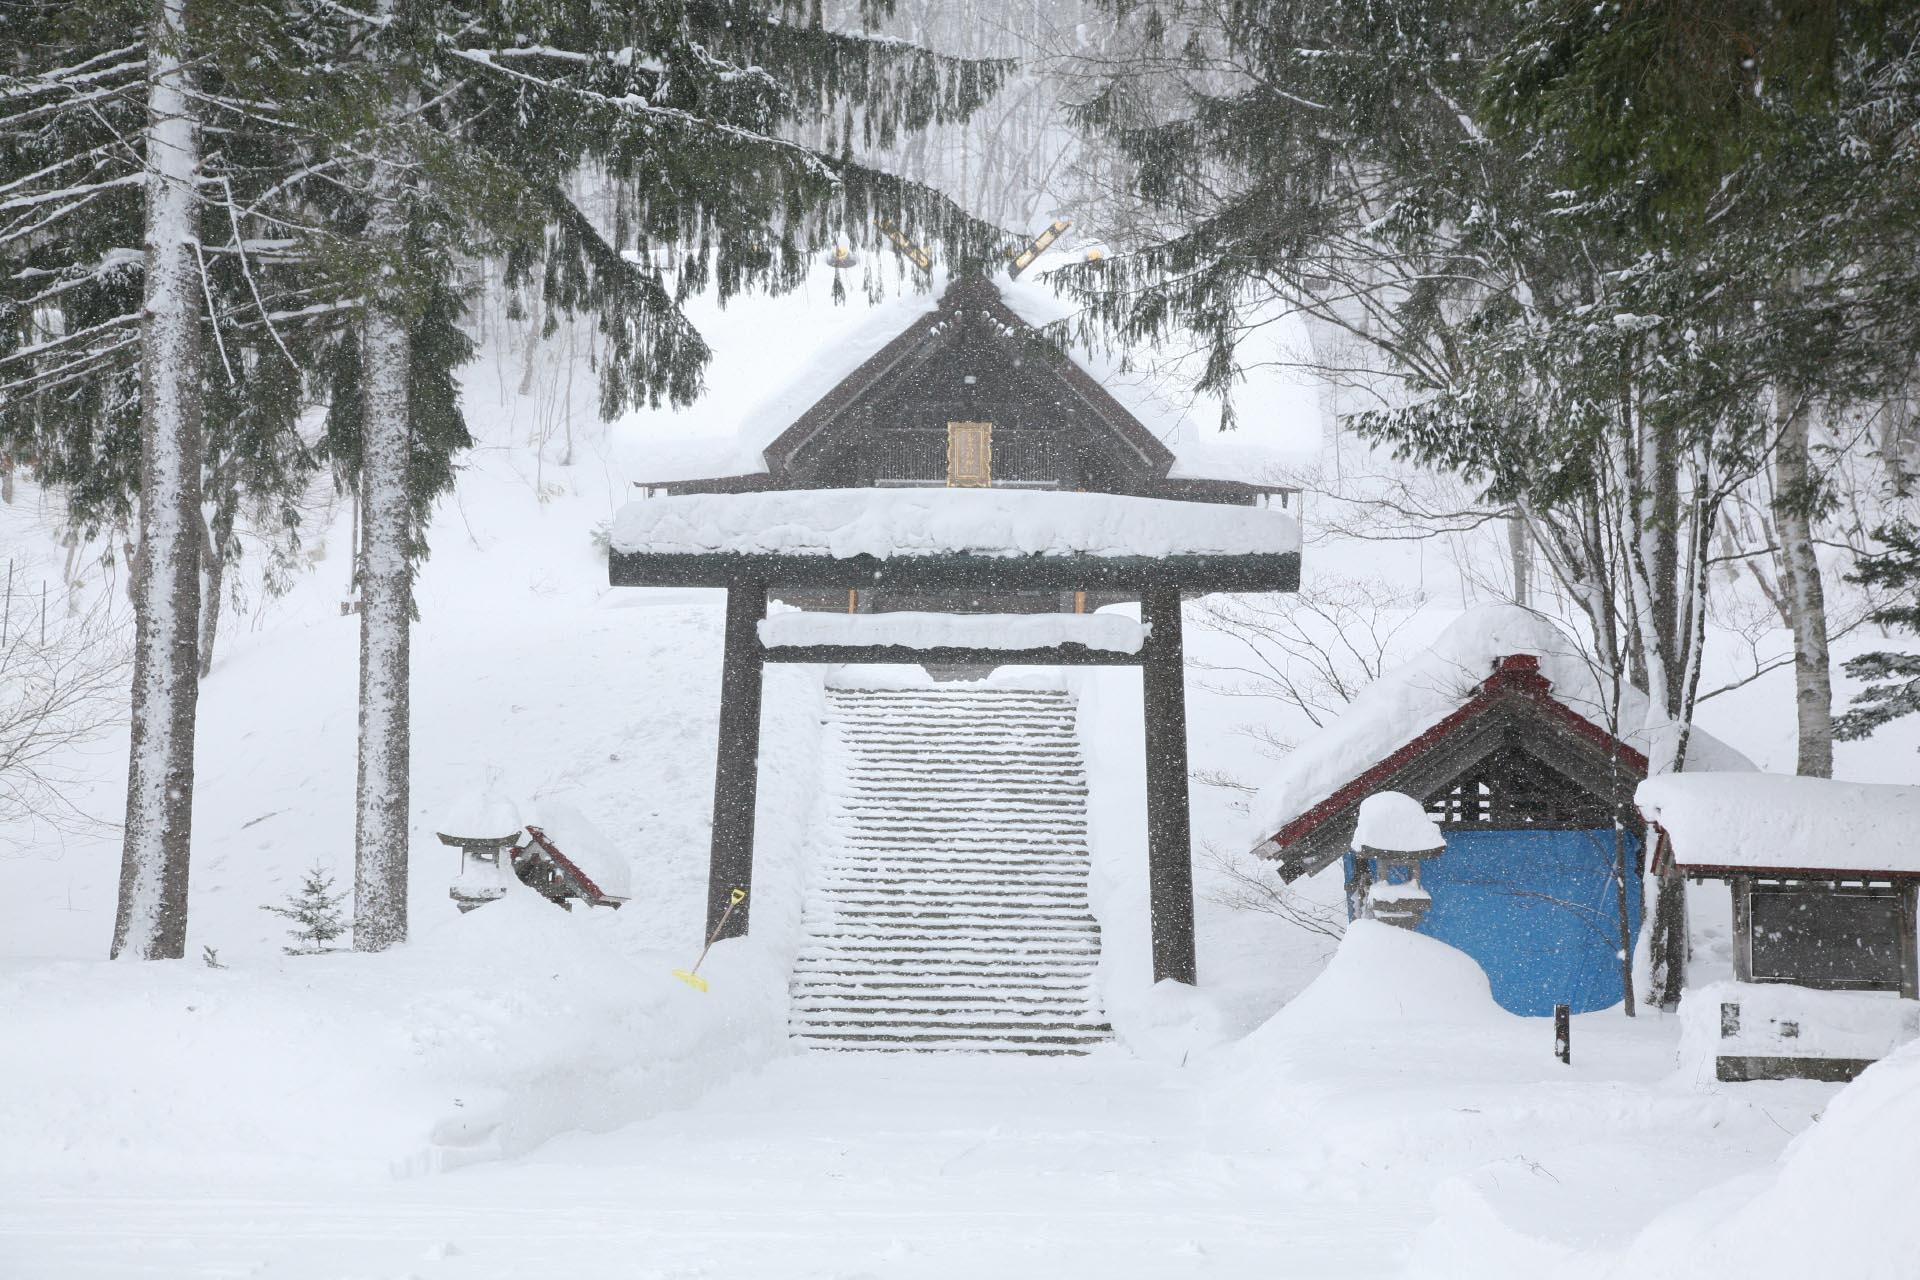 雪の中の神社 冬の北海道の風景